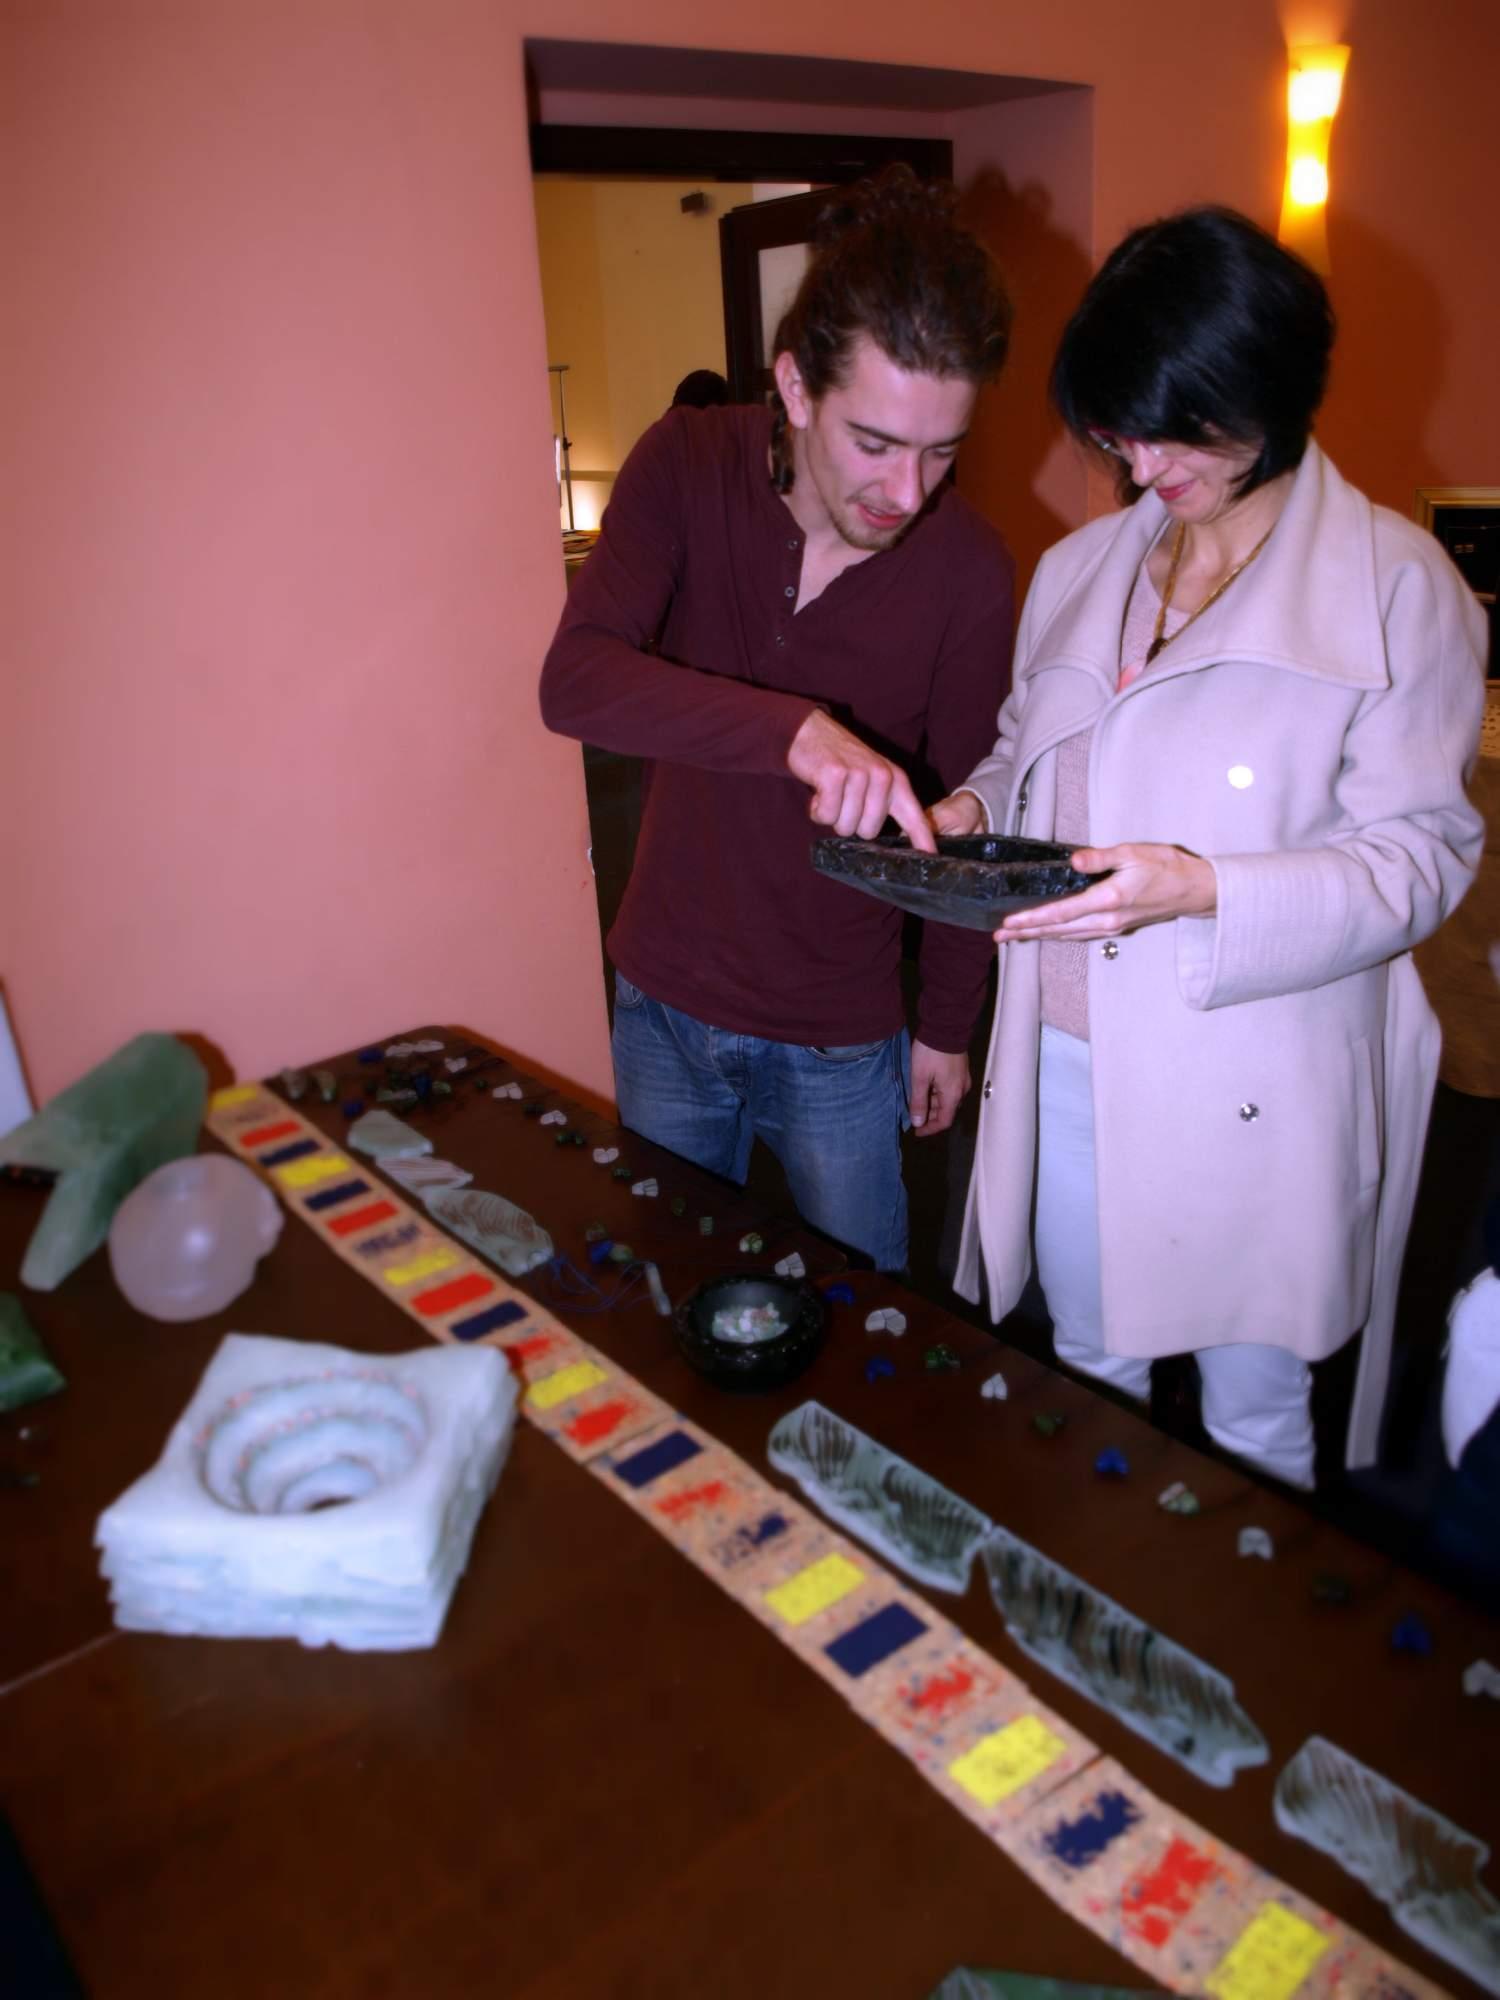 Náhrdelníky a mísy vyrobené ze skla lákaly. Foto: Bečáková Klára